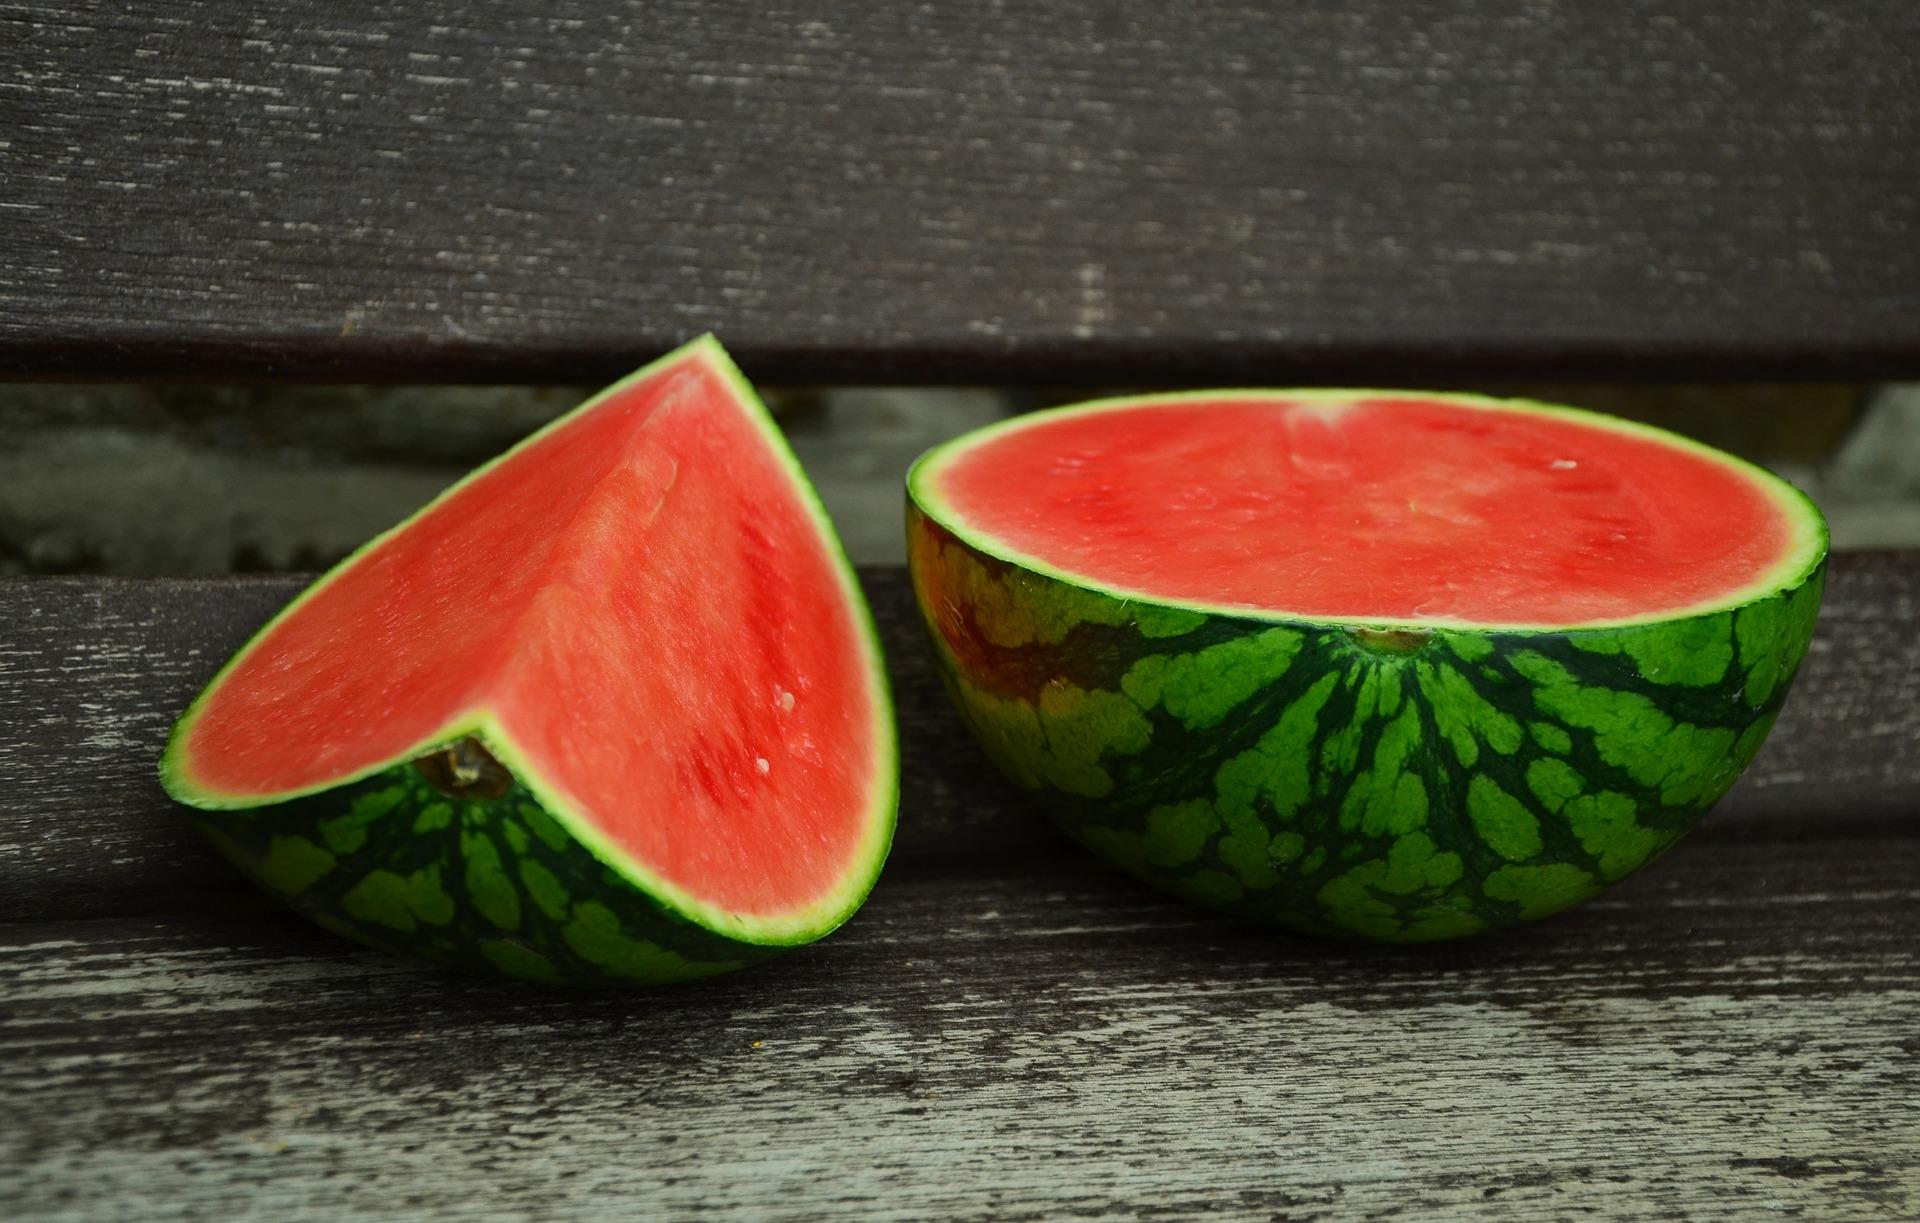 watermelon-815072_1920.jpg